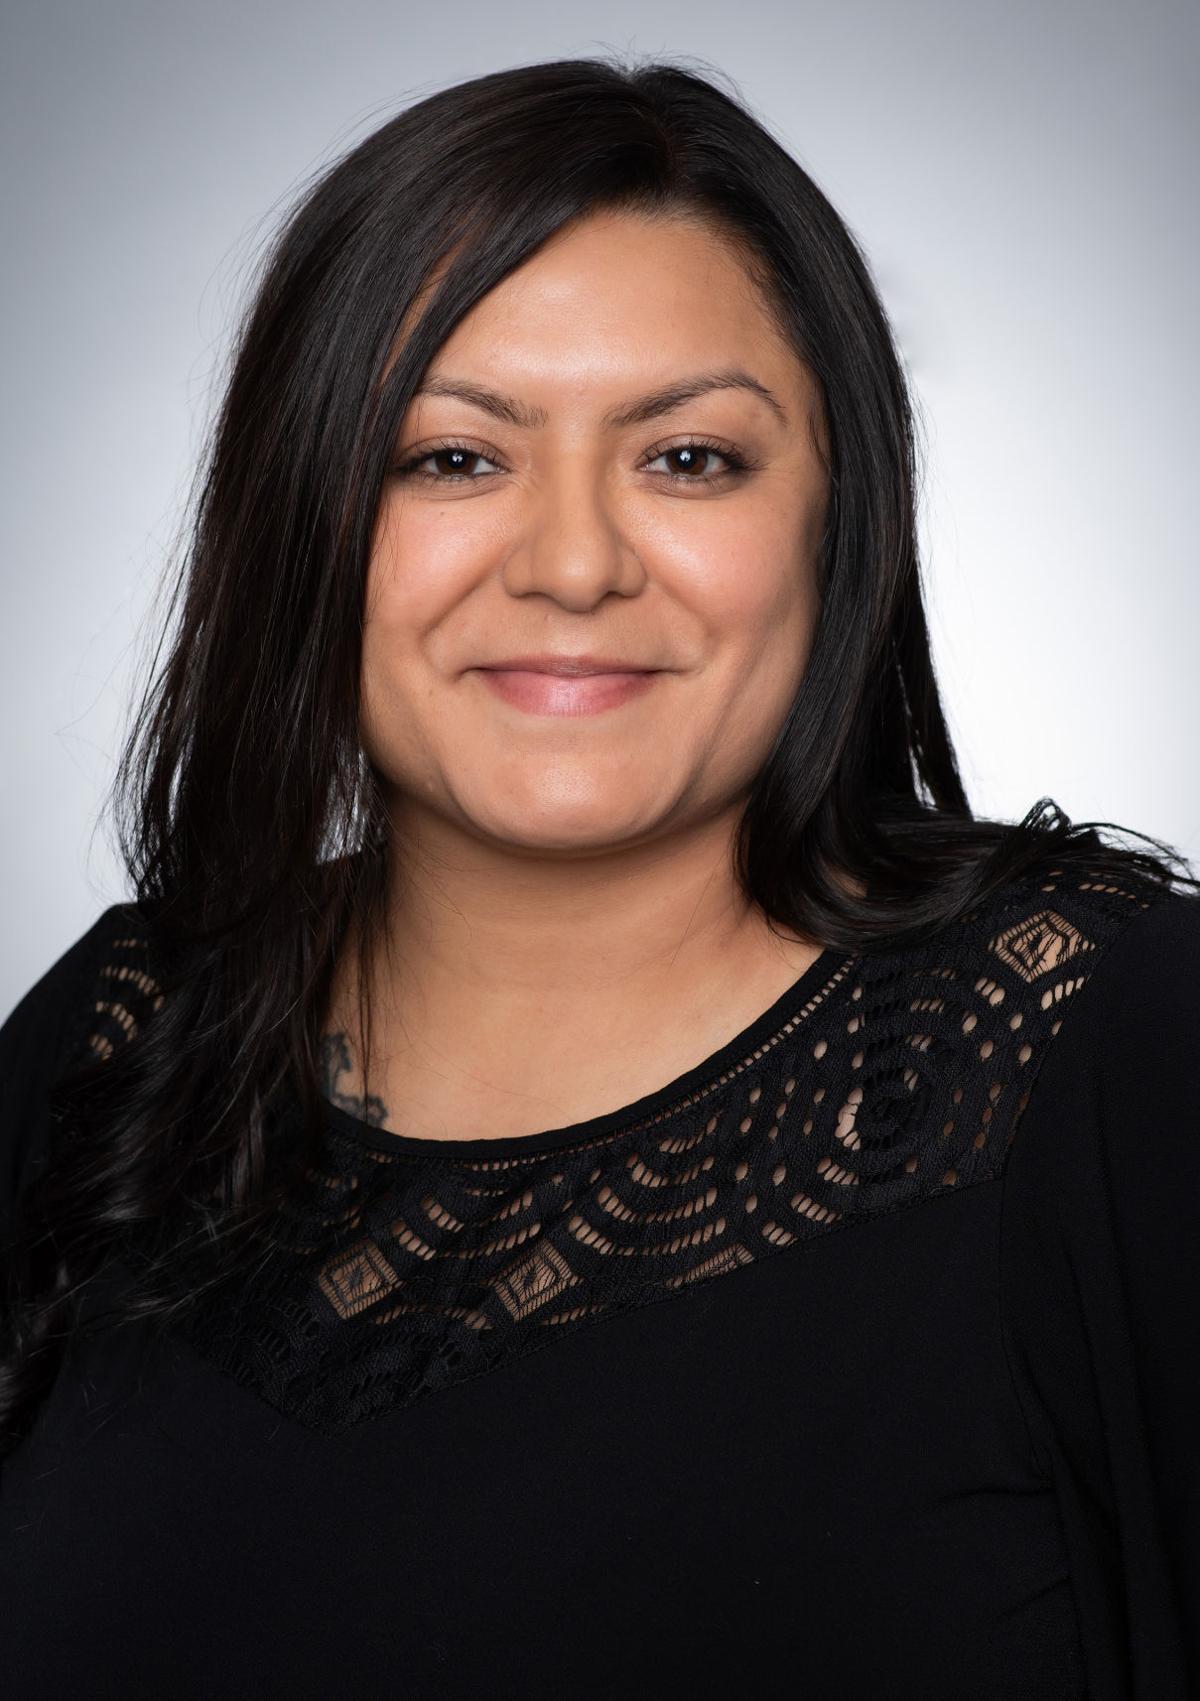 Amanda Estrada